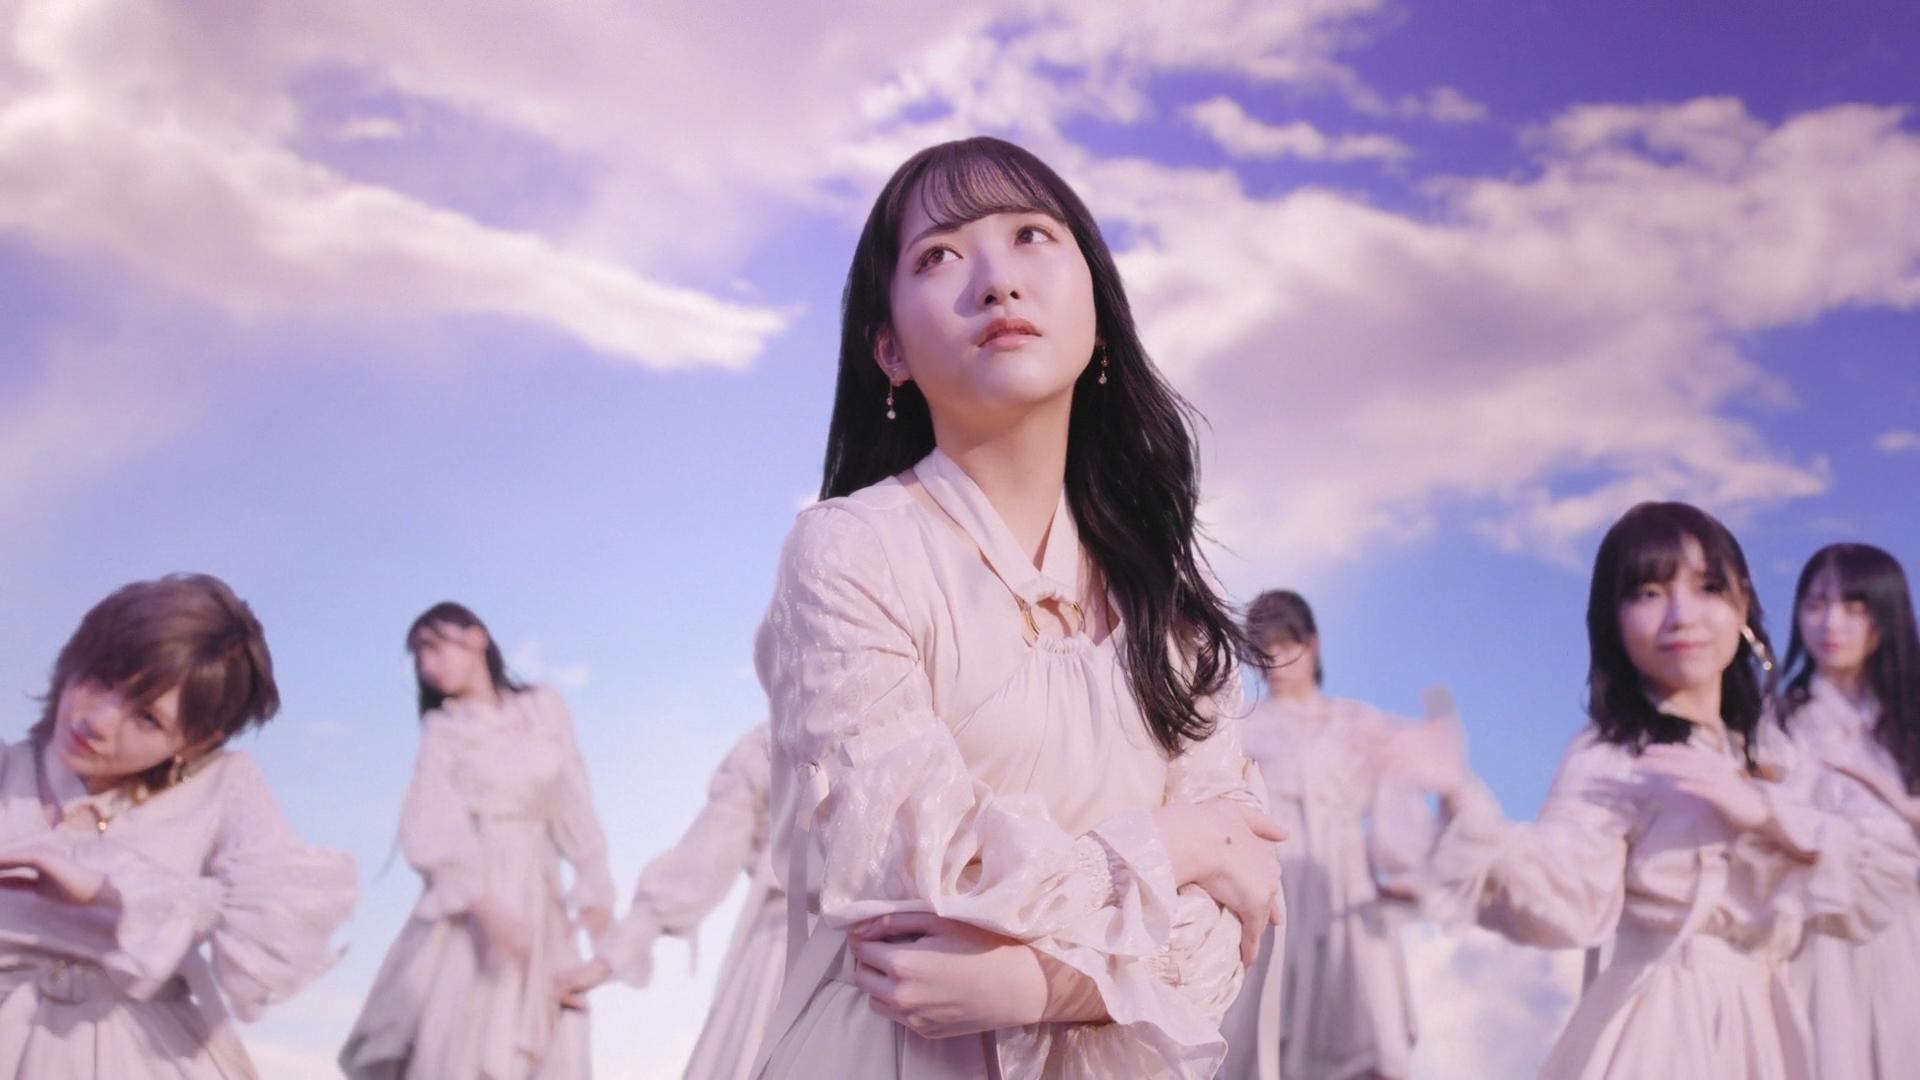 石田千穂 ©STU/KING RECORDS